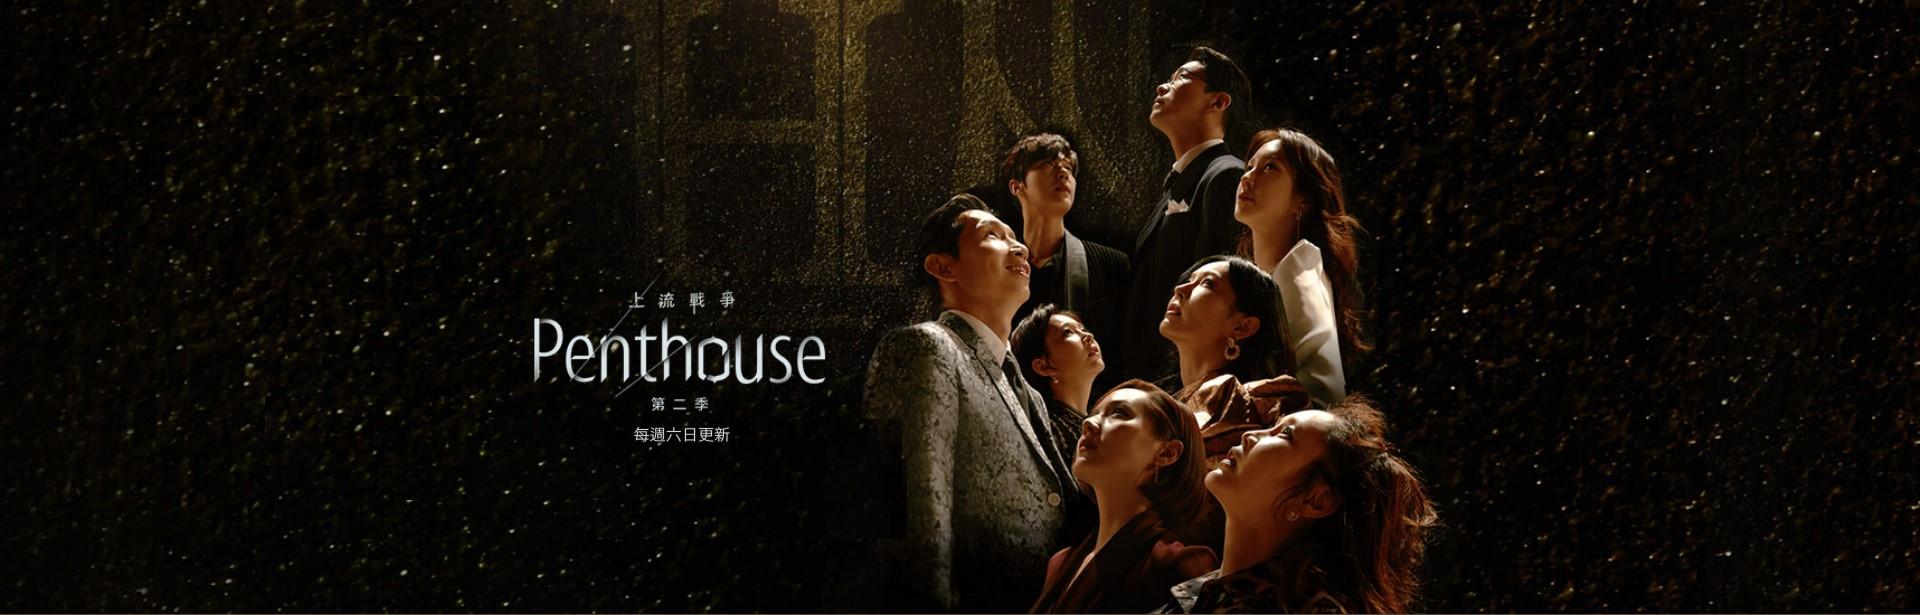 Penthouse上流戰爭第二季